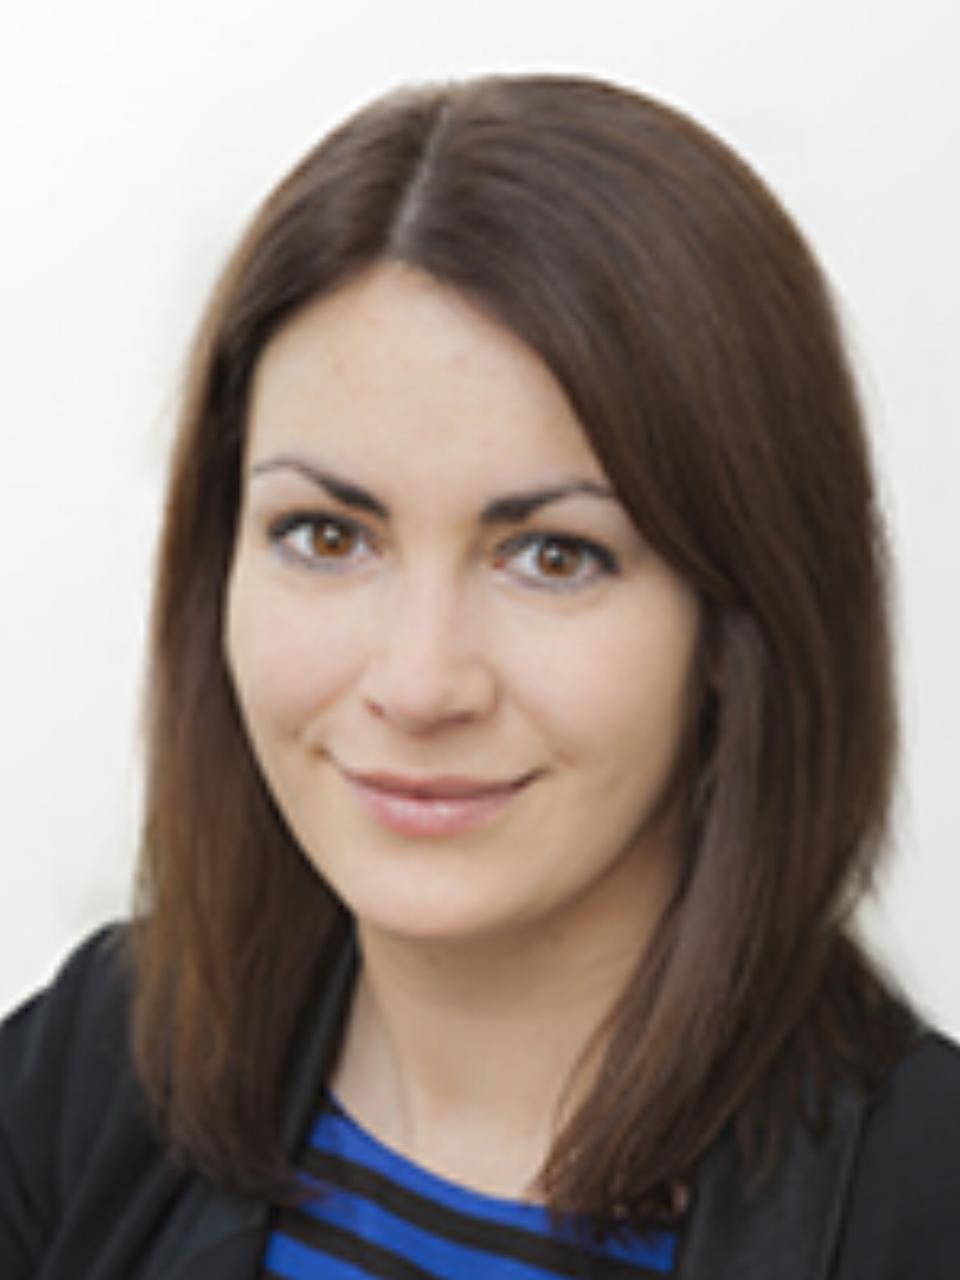 Sarah Dickinson Hyams